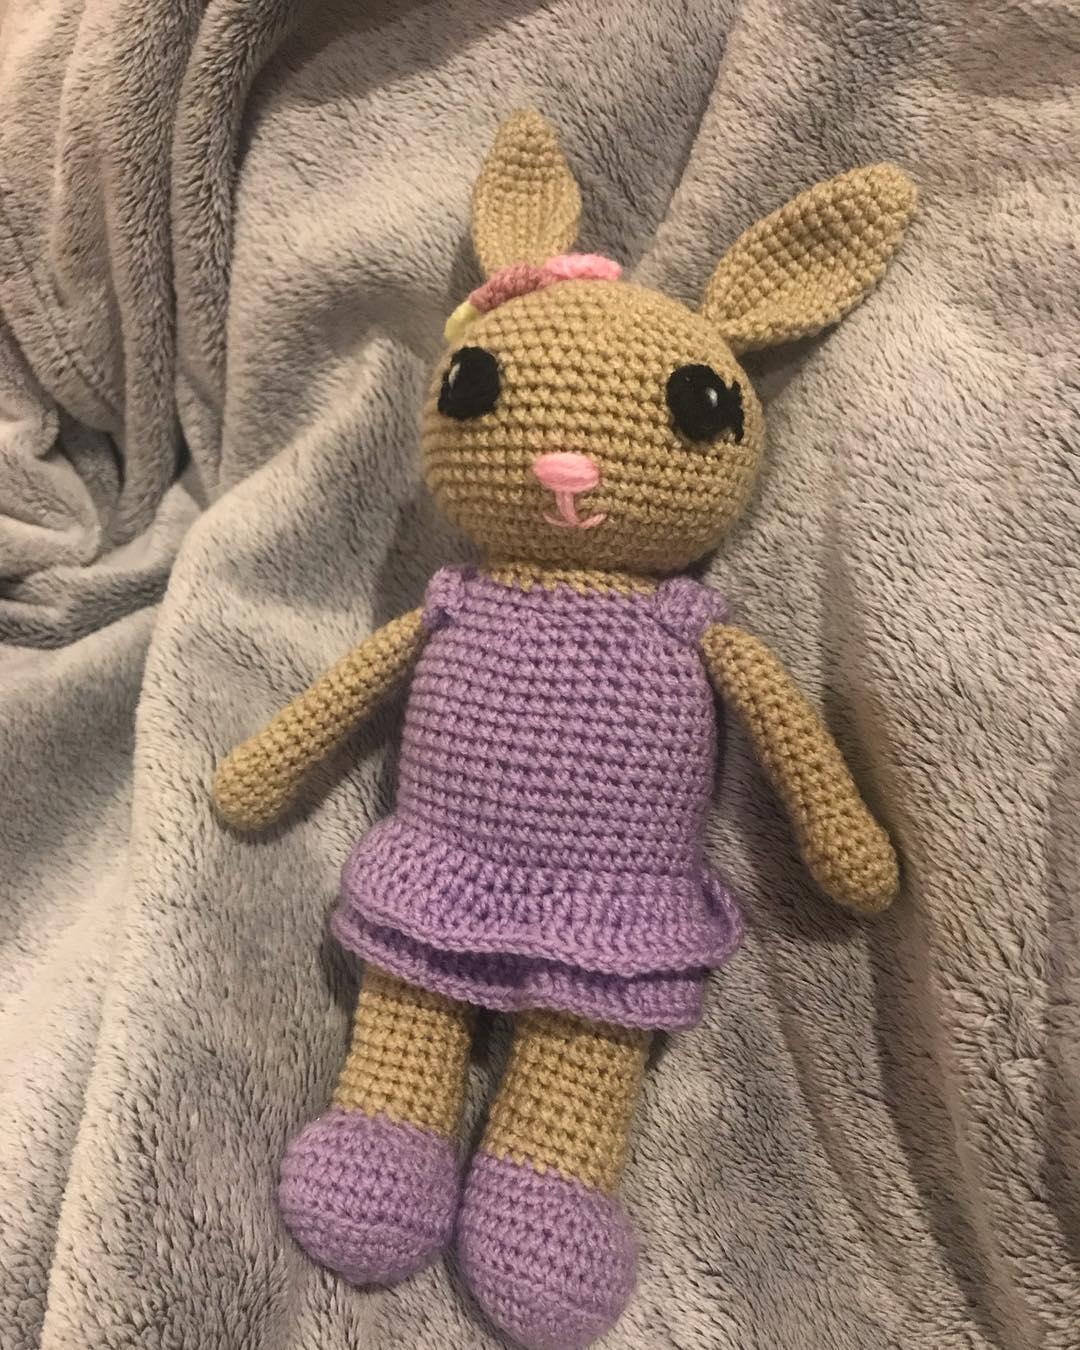 Crochet Toy Amigurumi Tutorial - Page 7 of 39 - apronbasket  com